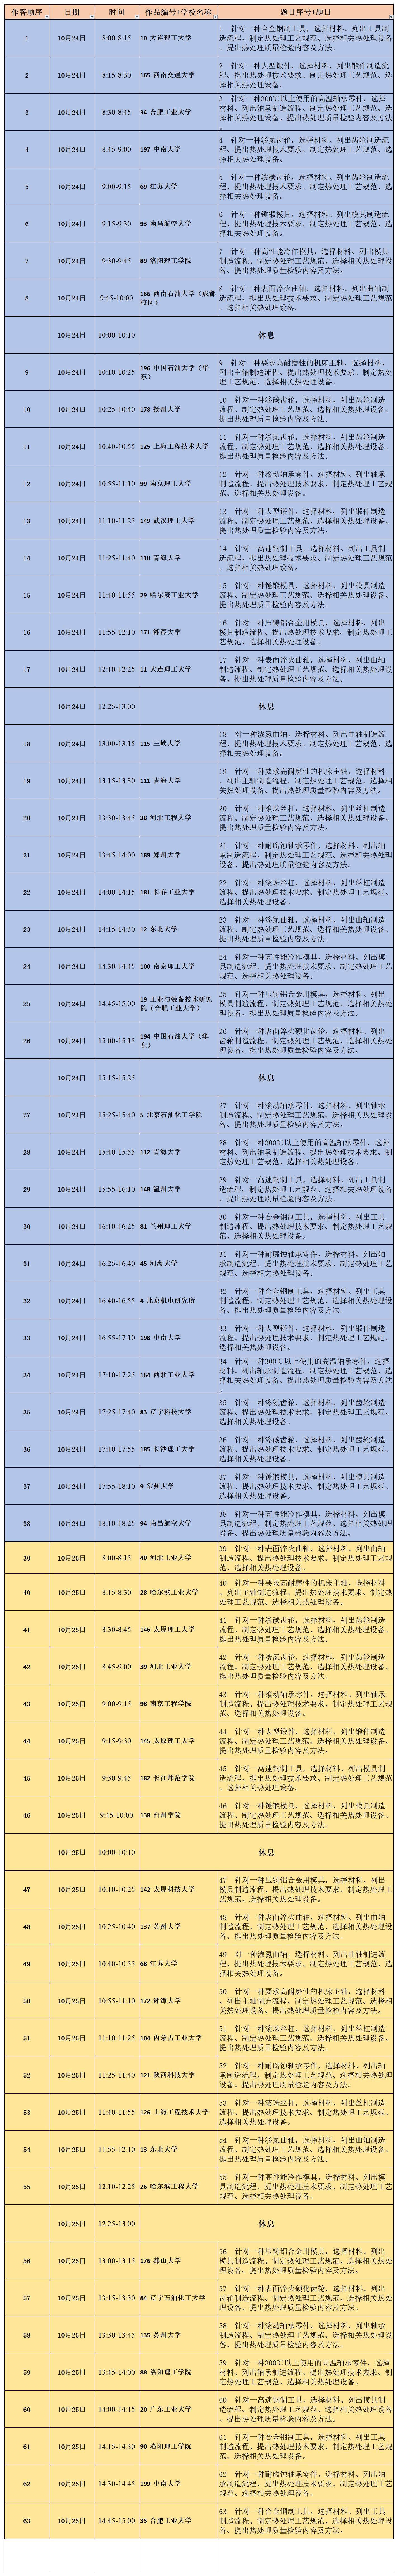 【日程】第6届热处理大赛总决赛日程.jpg